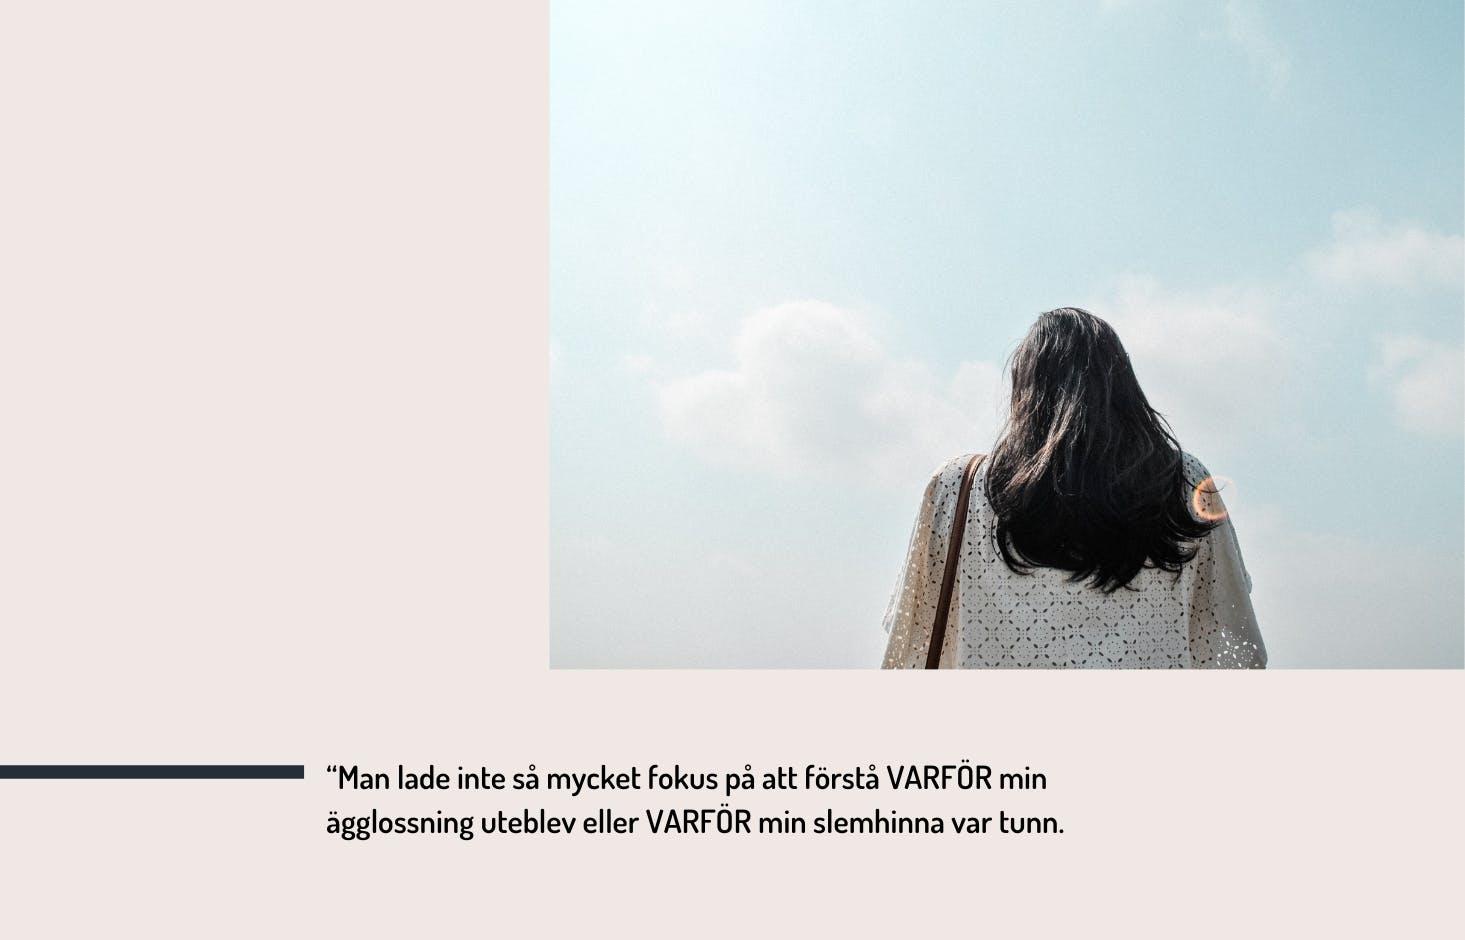 """Photo of woman from behind, a blue sky, and the text """"Man lade inte så mycket fokus på att förstå varför min ägglossning uteblev eller varför min slemhinna var tunn."""""""